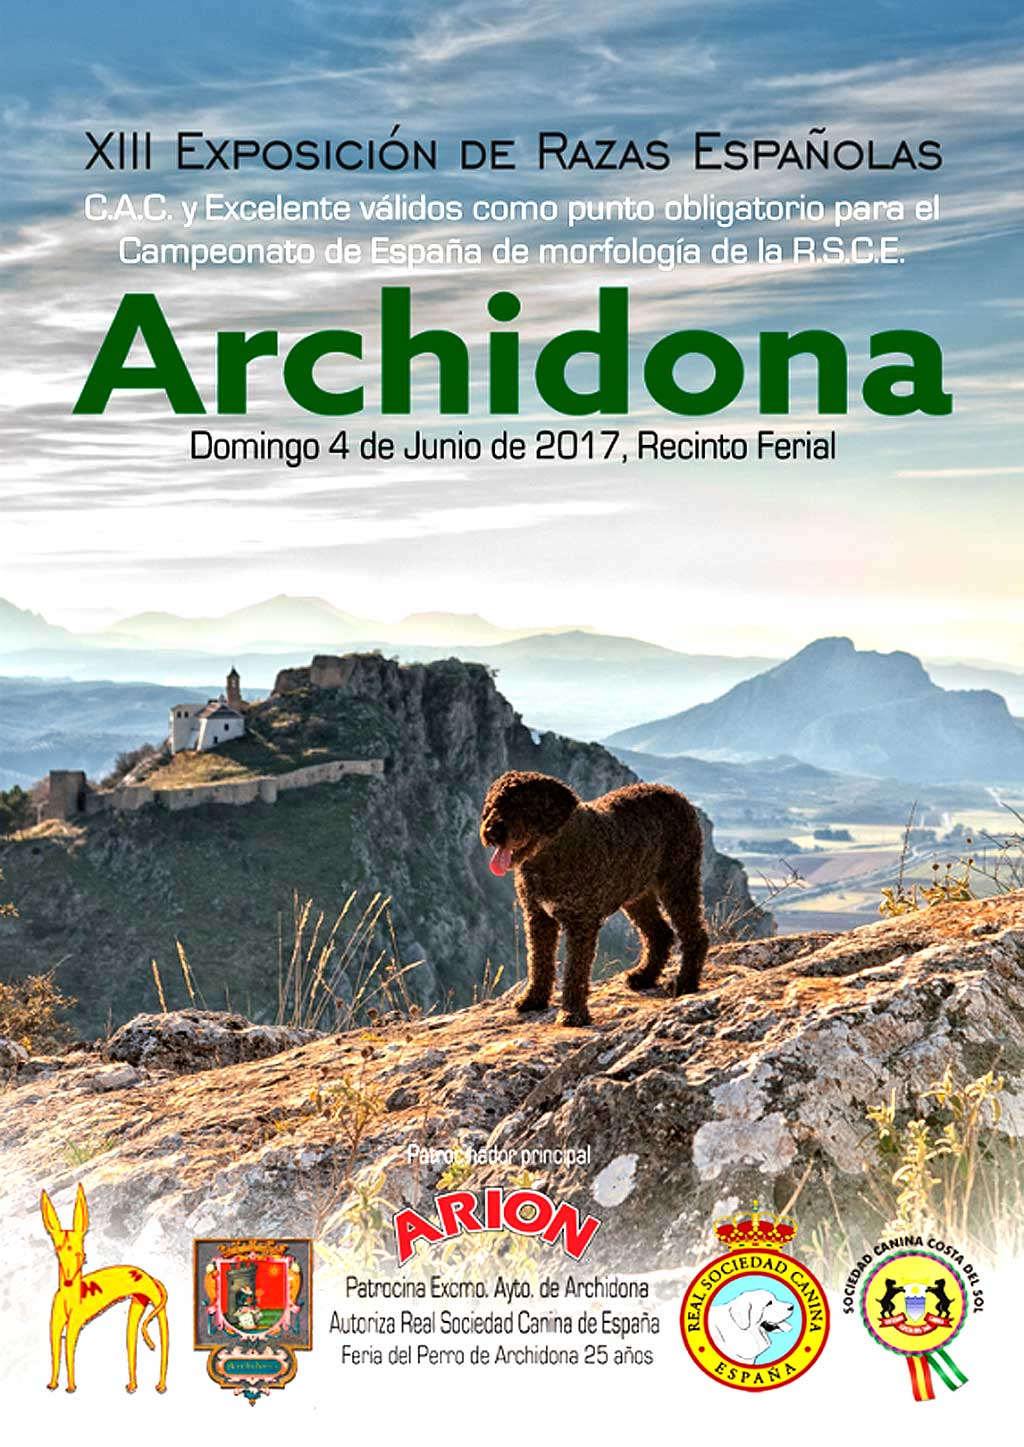 Archidona (Málaga) reúne este domingo a más de 350 perros en la XIII Exposición de Razas Españolas.